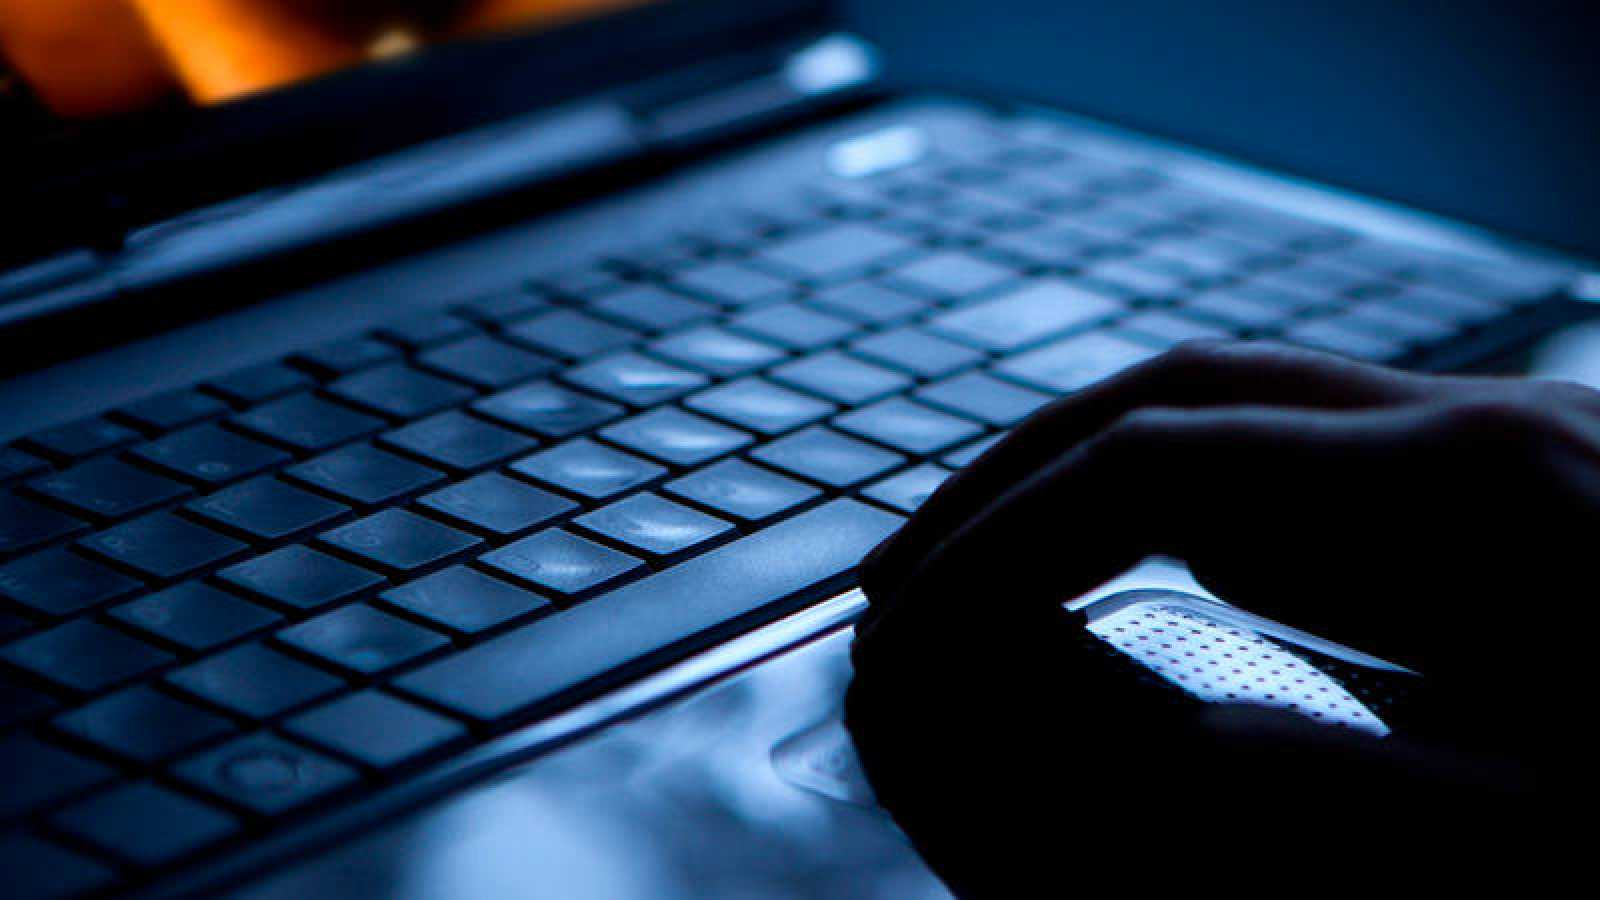 El acoso sexual a menores por internet se triplicó en los últimos tres años